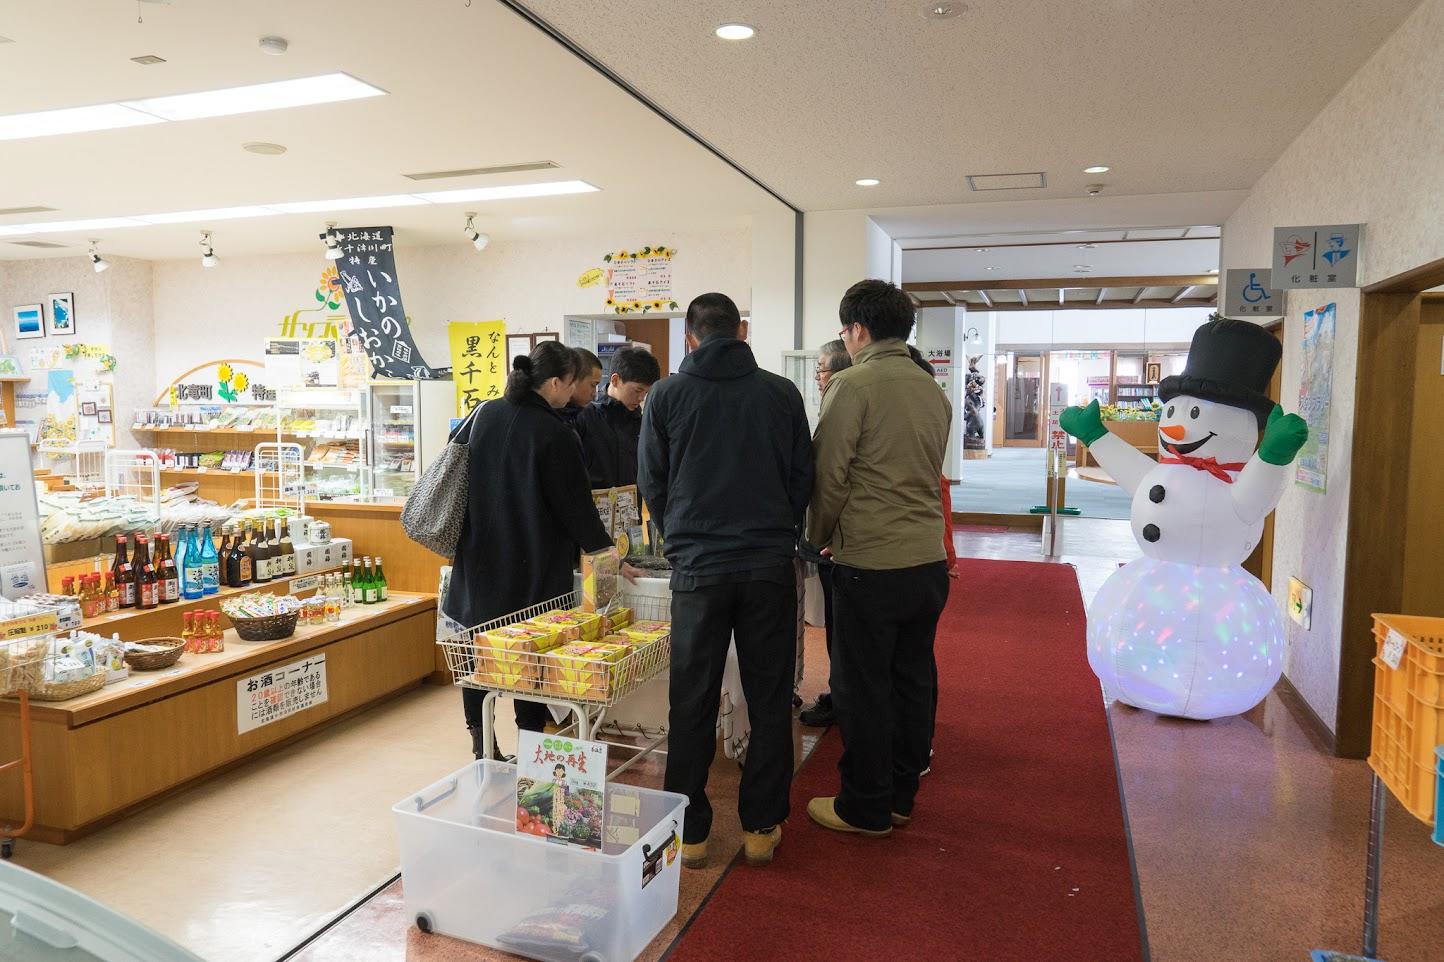 ショップで販売されている黒千石商品を視察